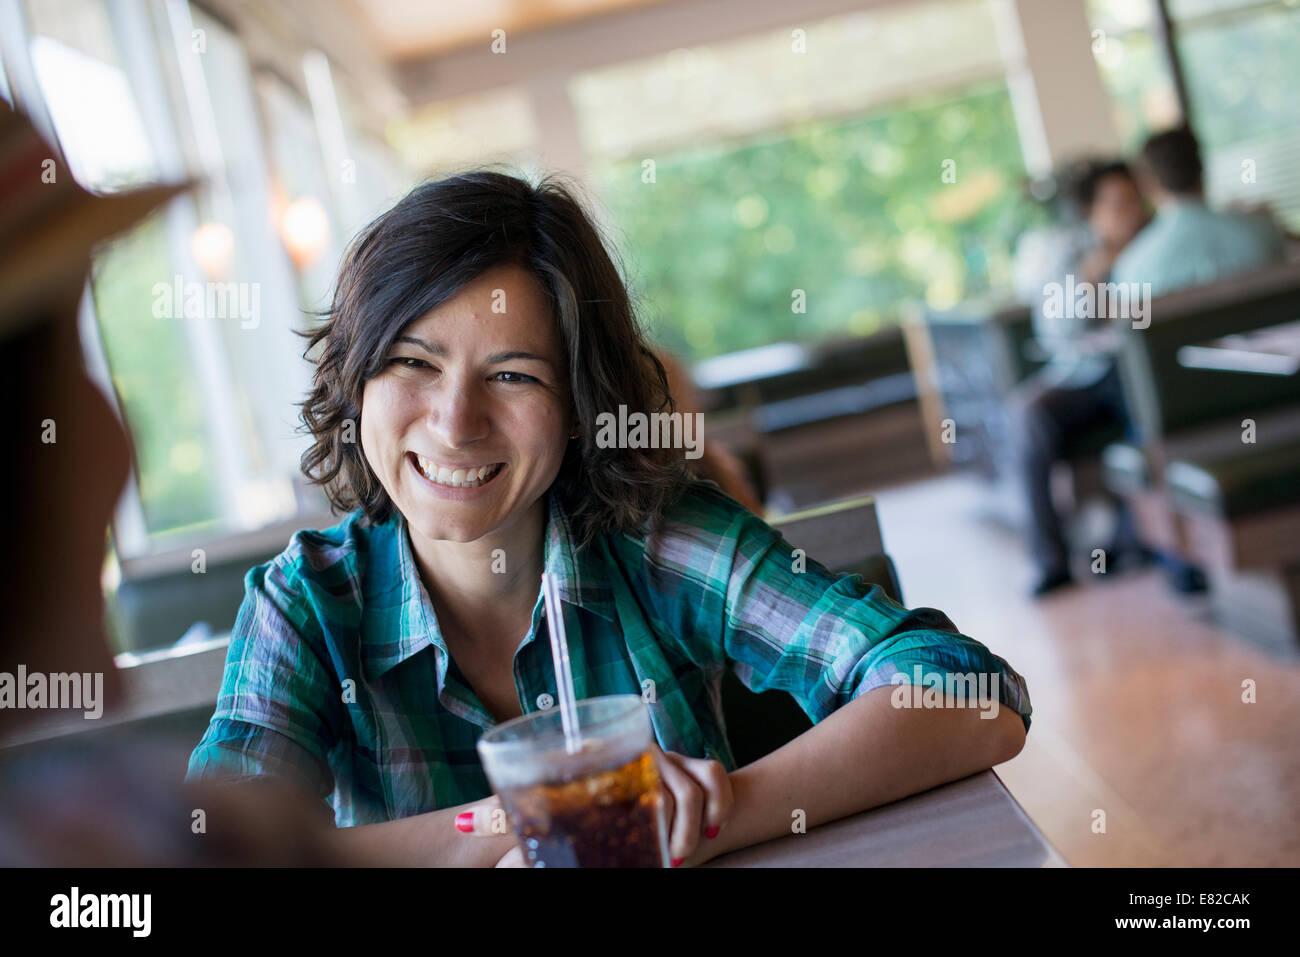 Una donna seduta tenendo un drink freddo a un tavolo da pranzo. Immagini Stock